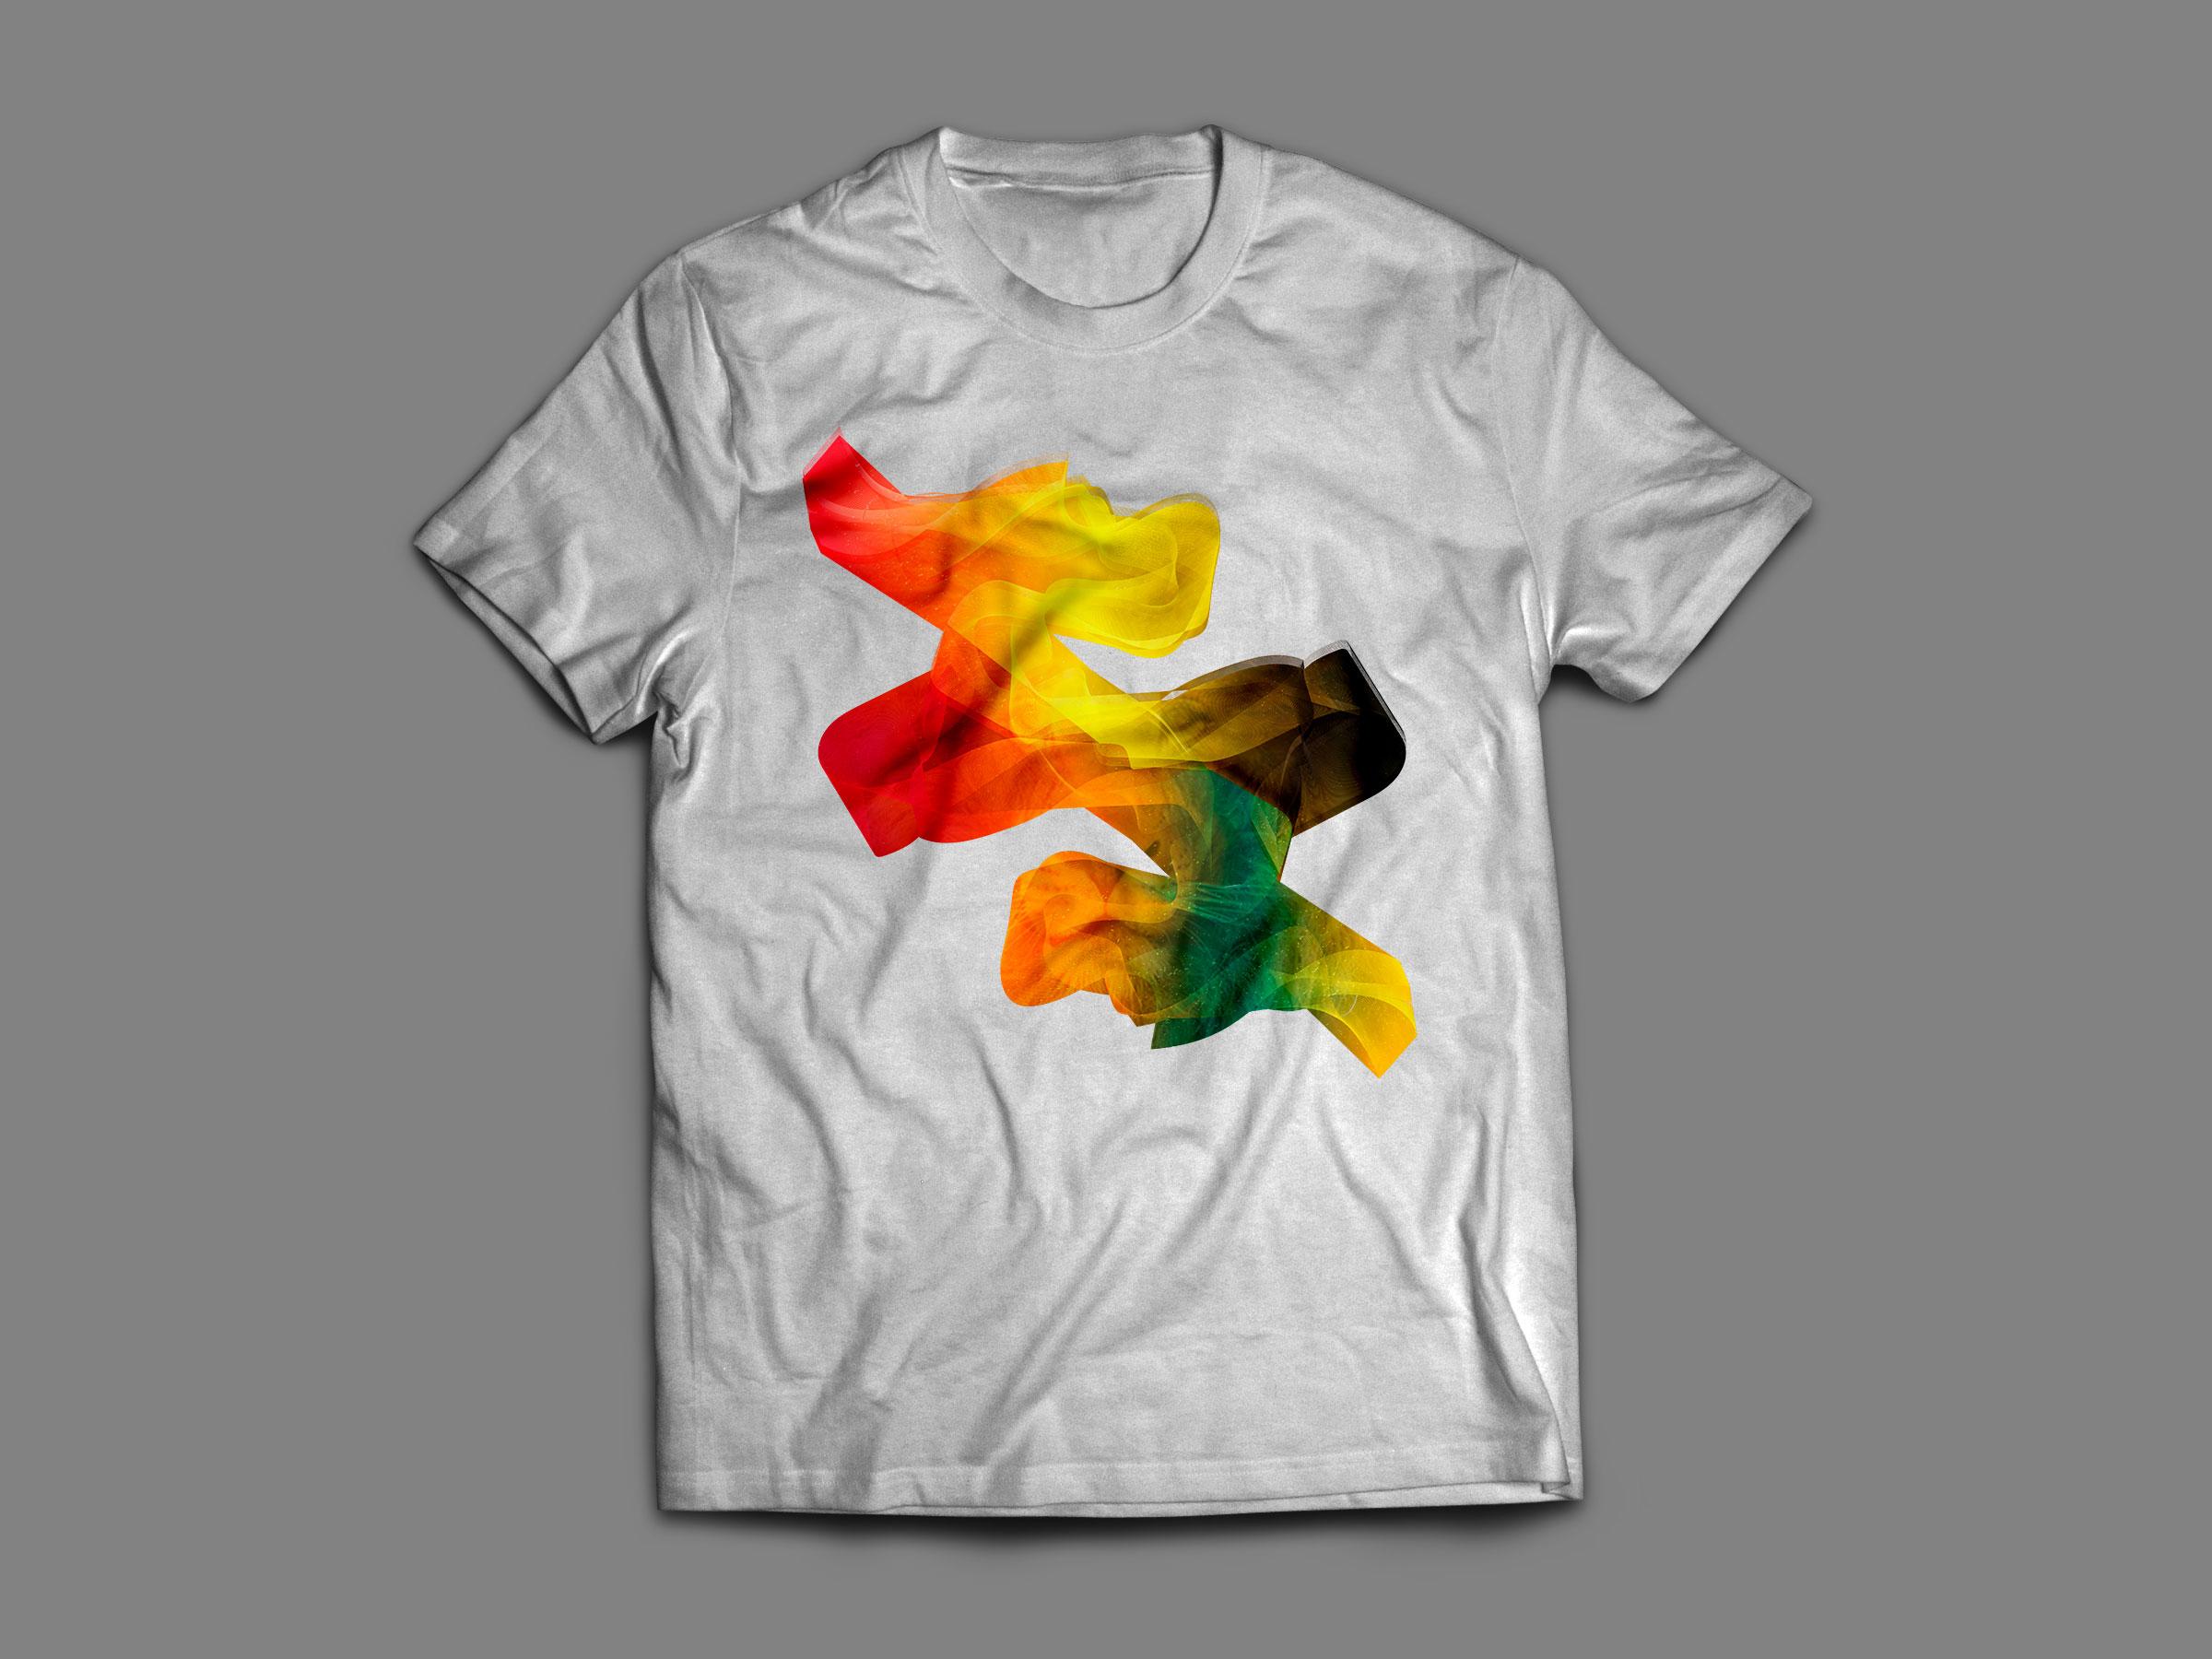 Lion, le t-shirt